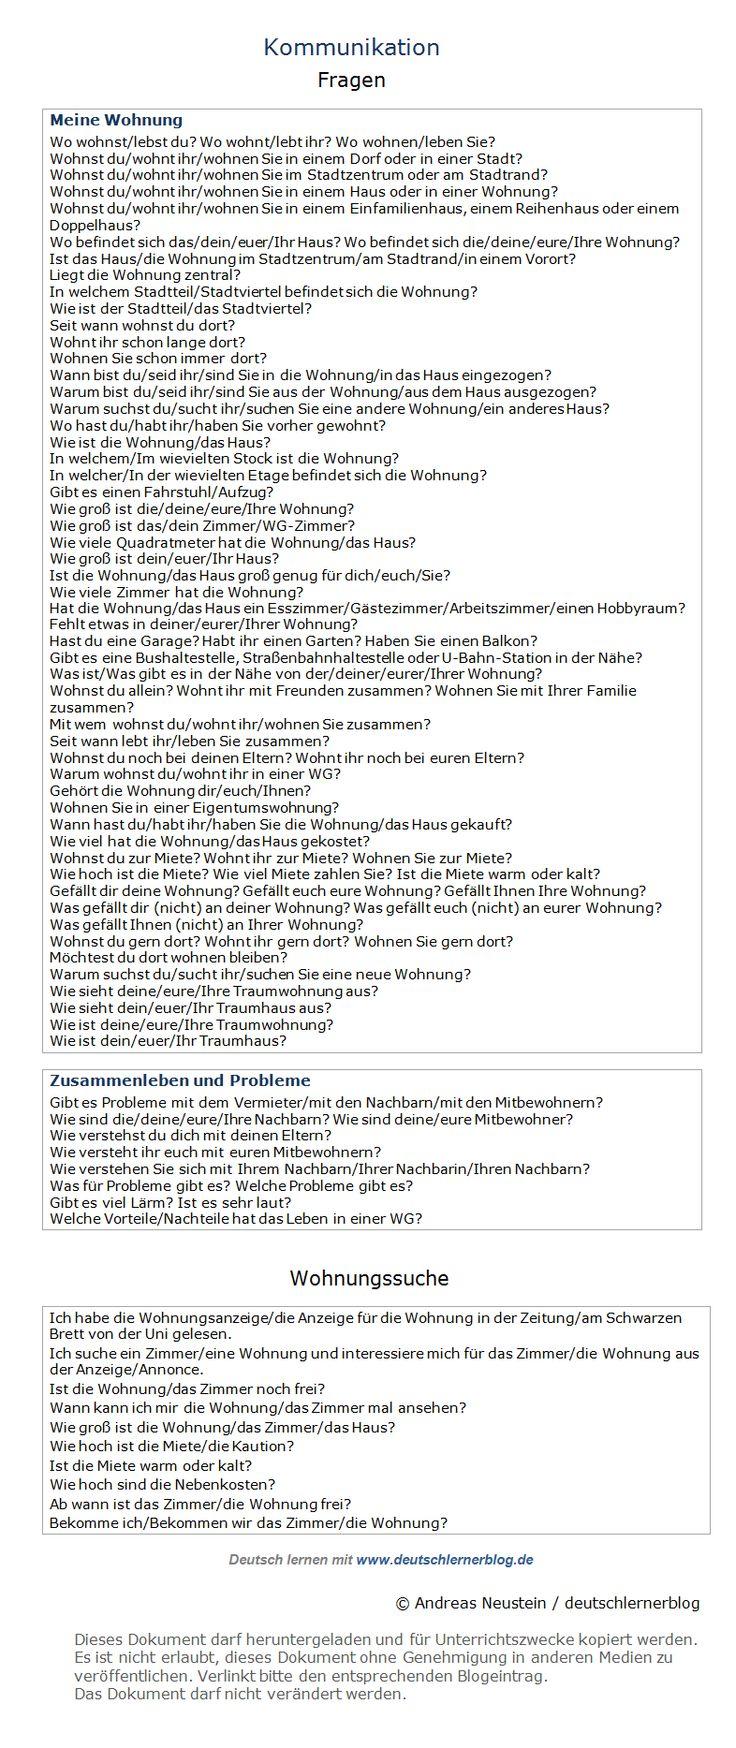 http://data9.blog.de/media/659/7772659_e2919b0313_o.png Fragen zu deiner Wohnung.